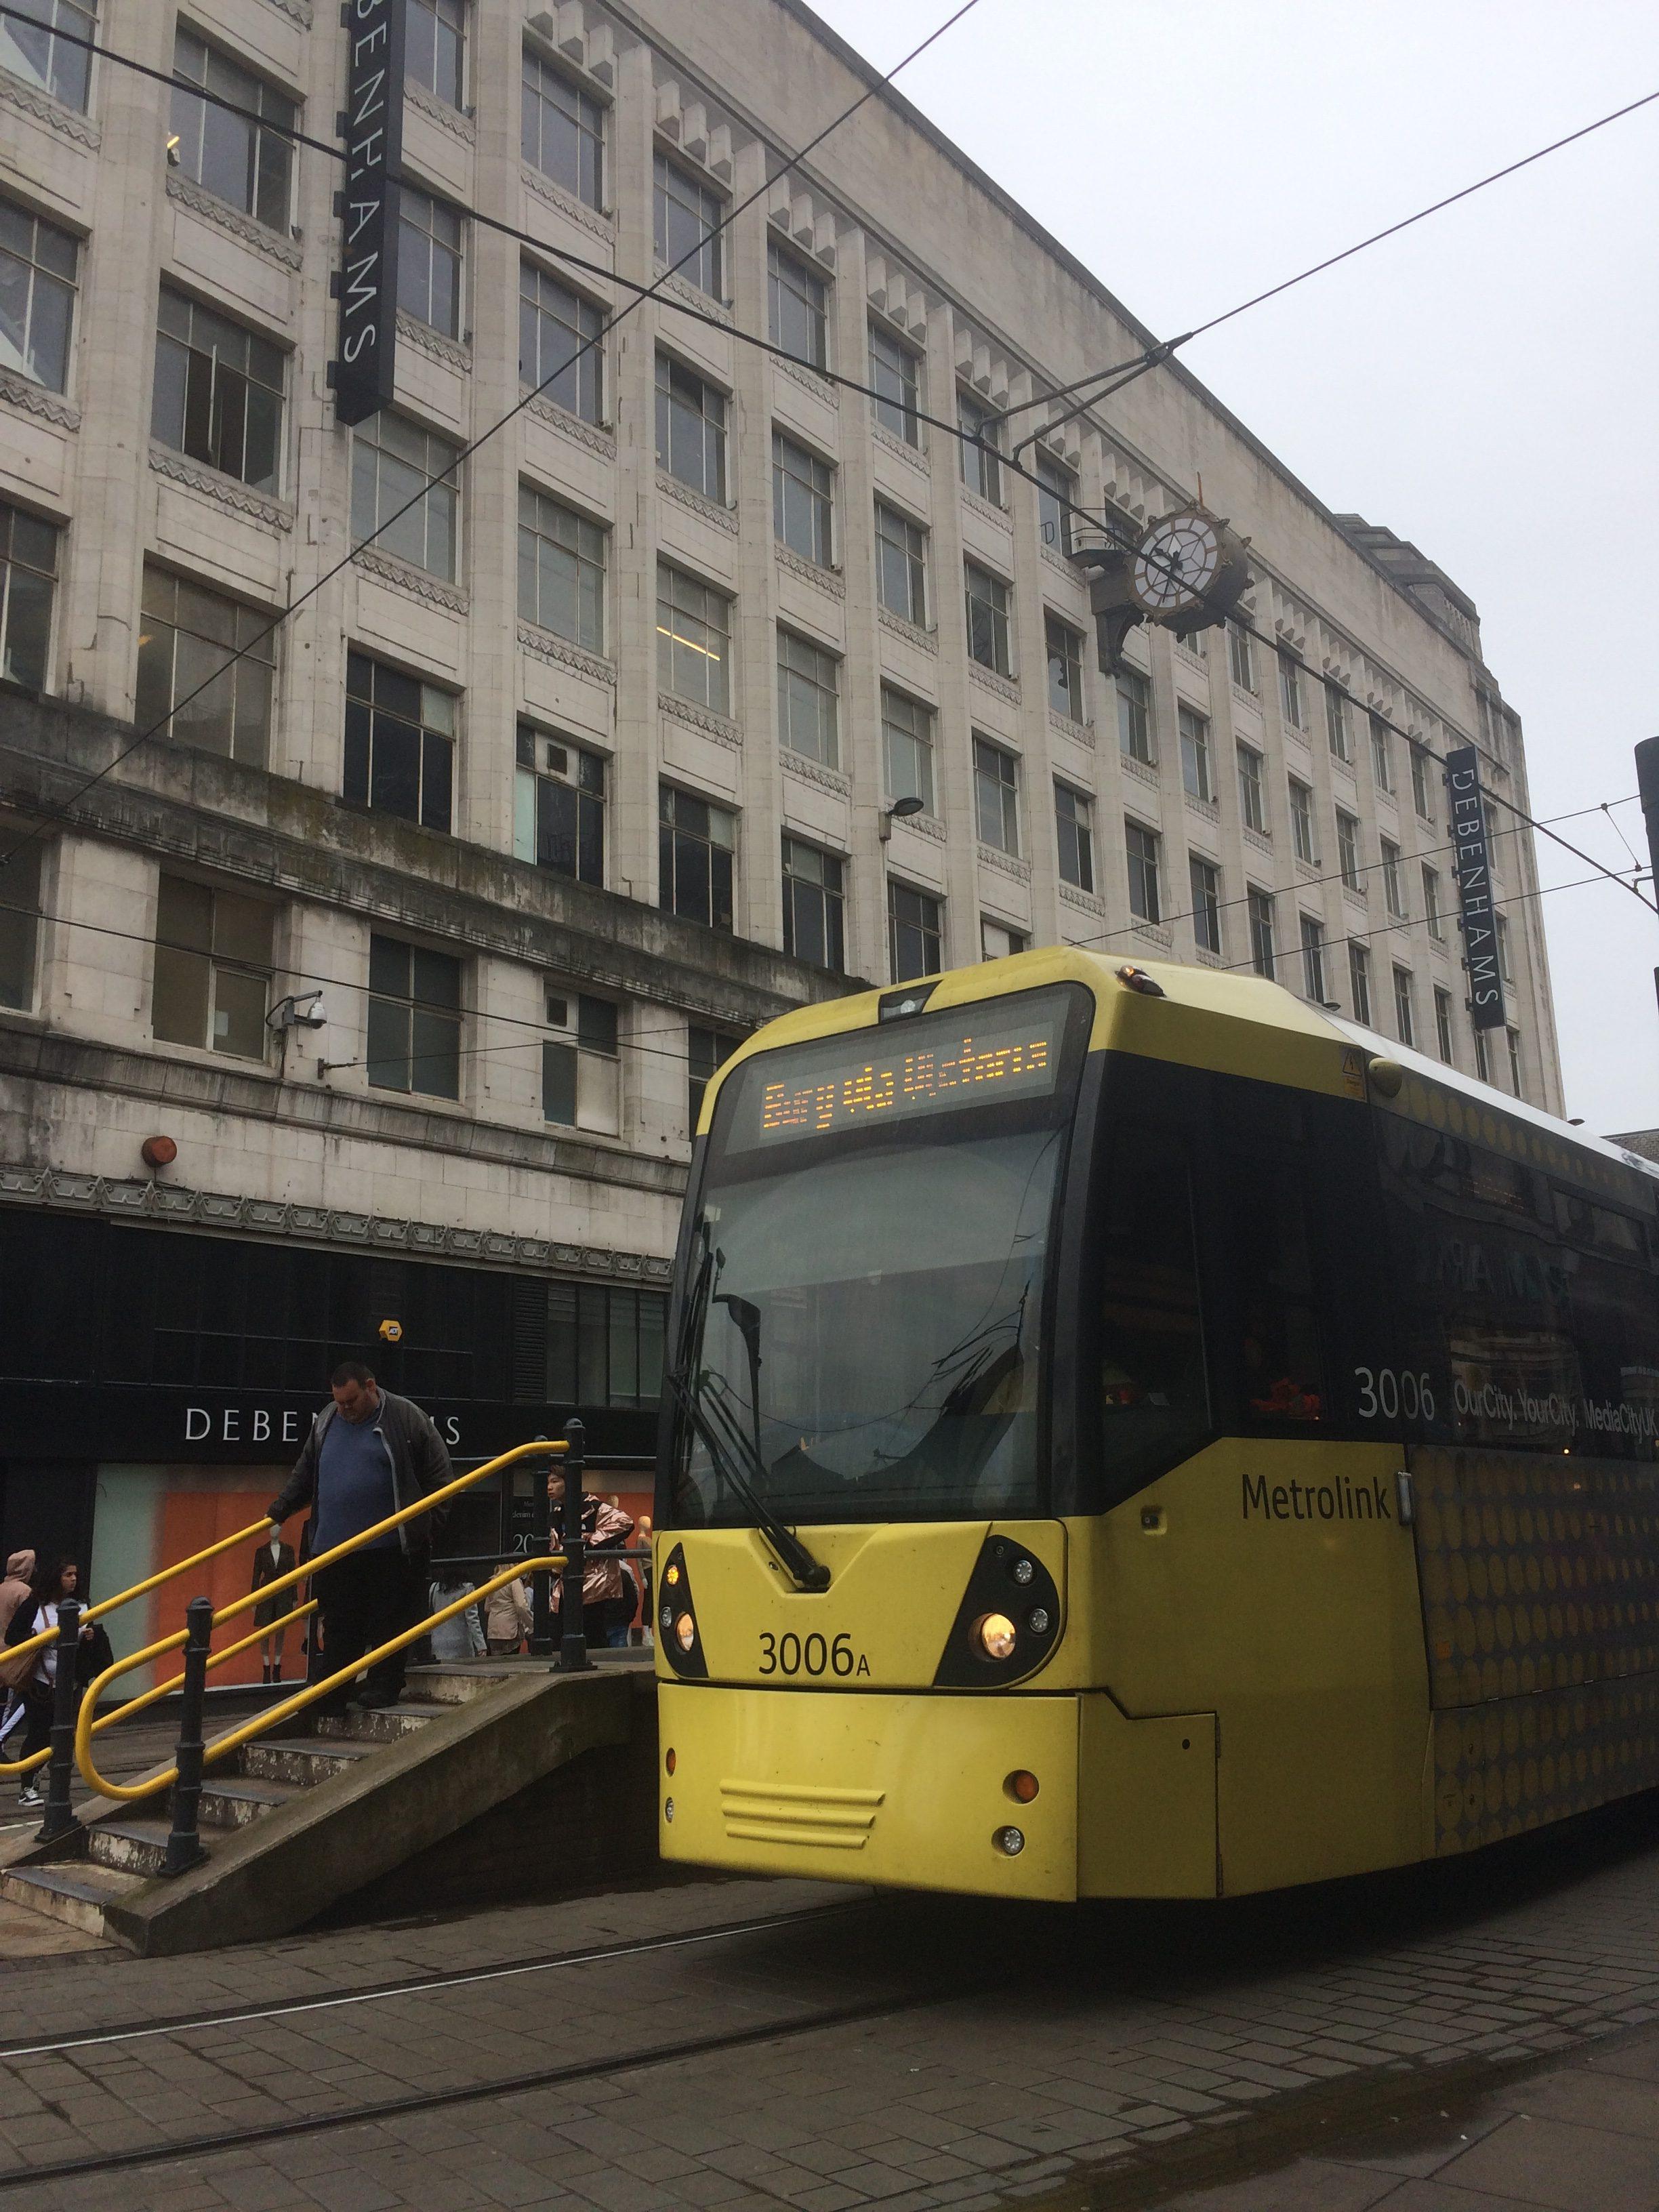 a Manchester tram